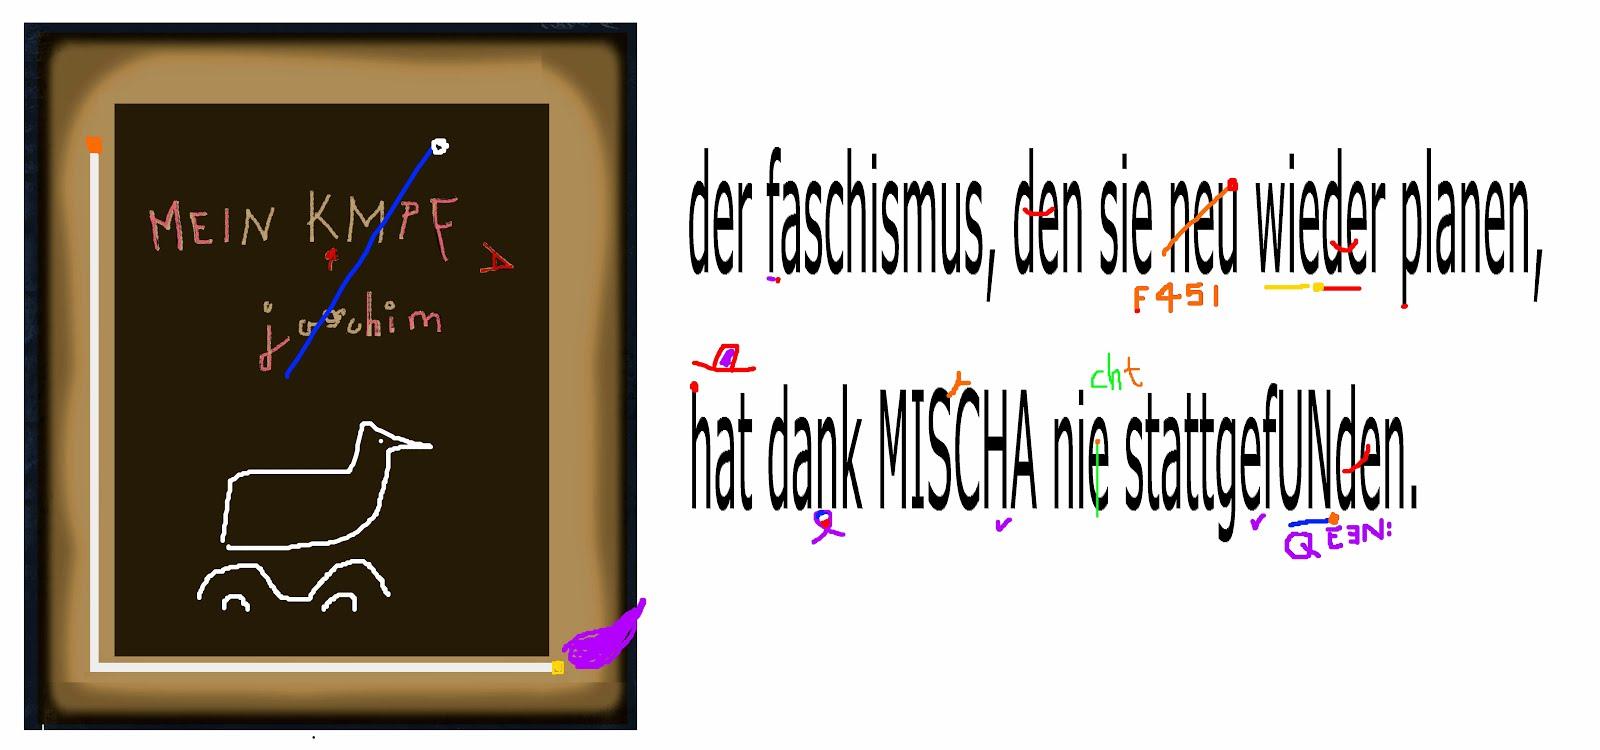 faschismus bekämpfung joachim gauck mein kmpf htler neuauflage angela merkel bert brecht frisch max